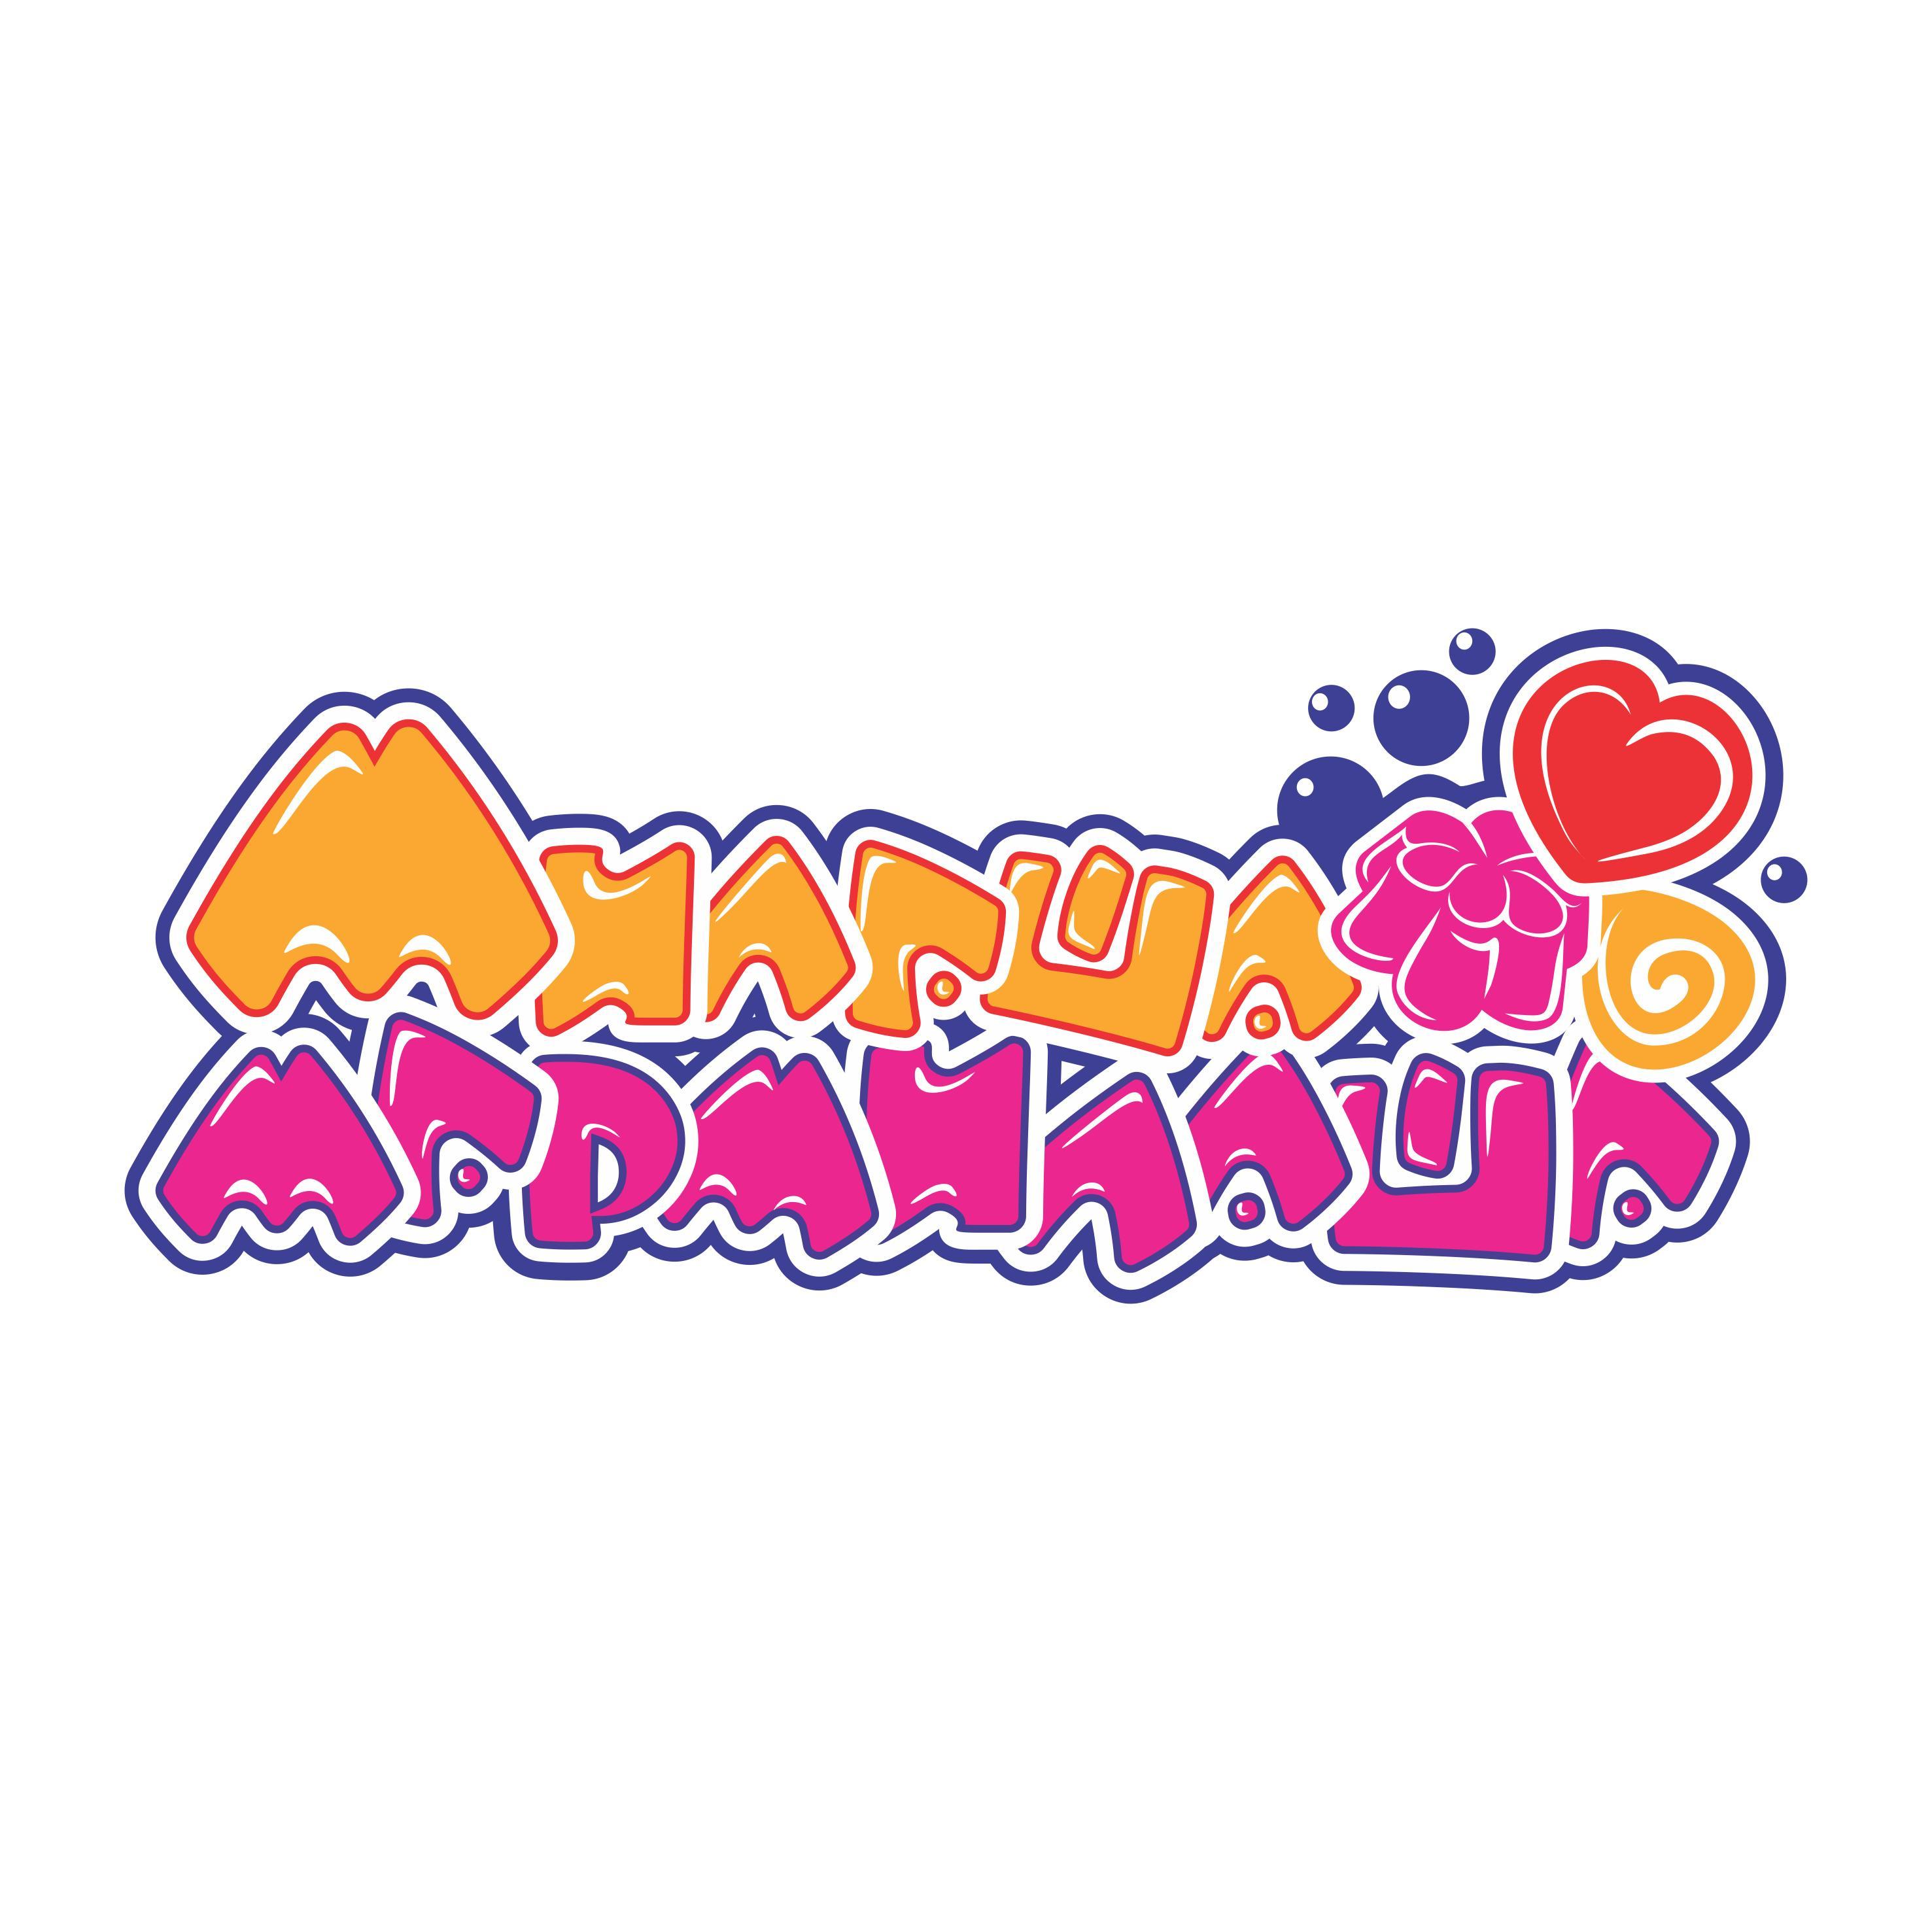 """Логотип для товарного знака """"Милаша-Мармилаша"""" фото f_3285877b239ae96c.jpg"""